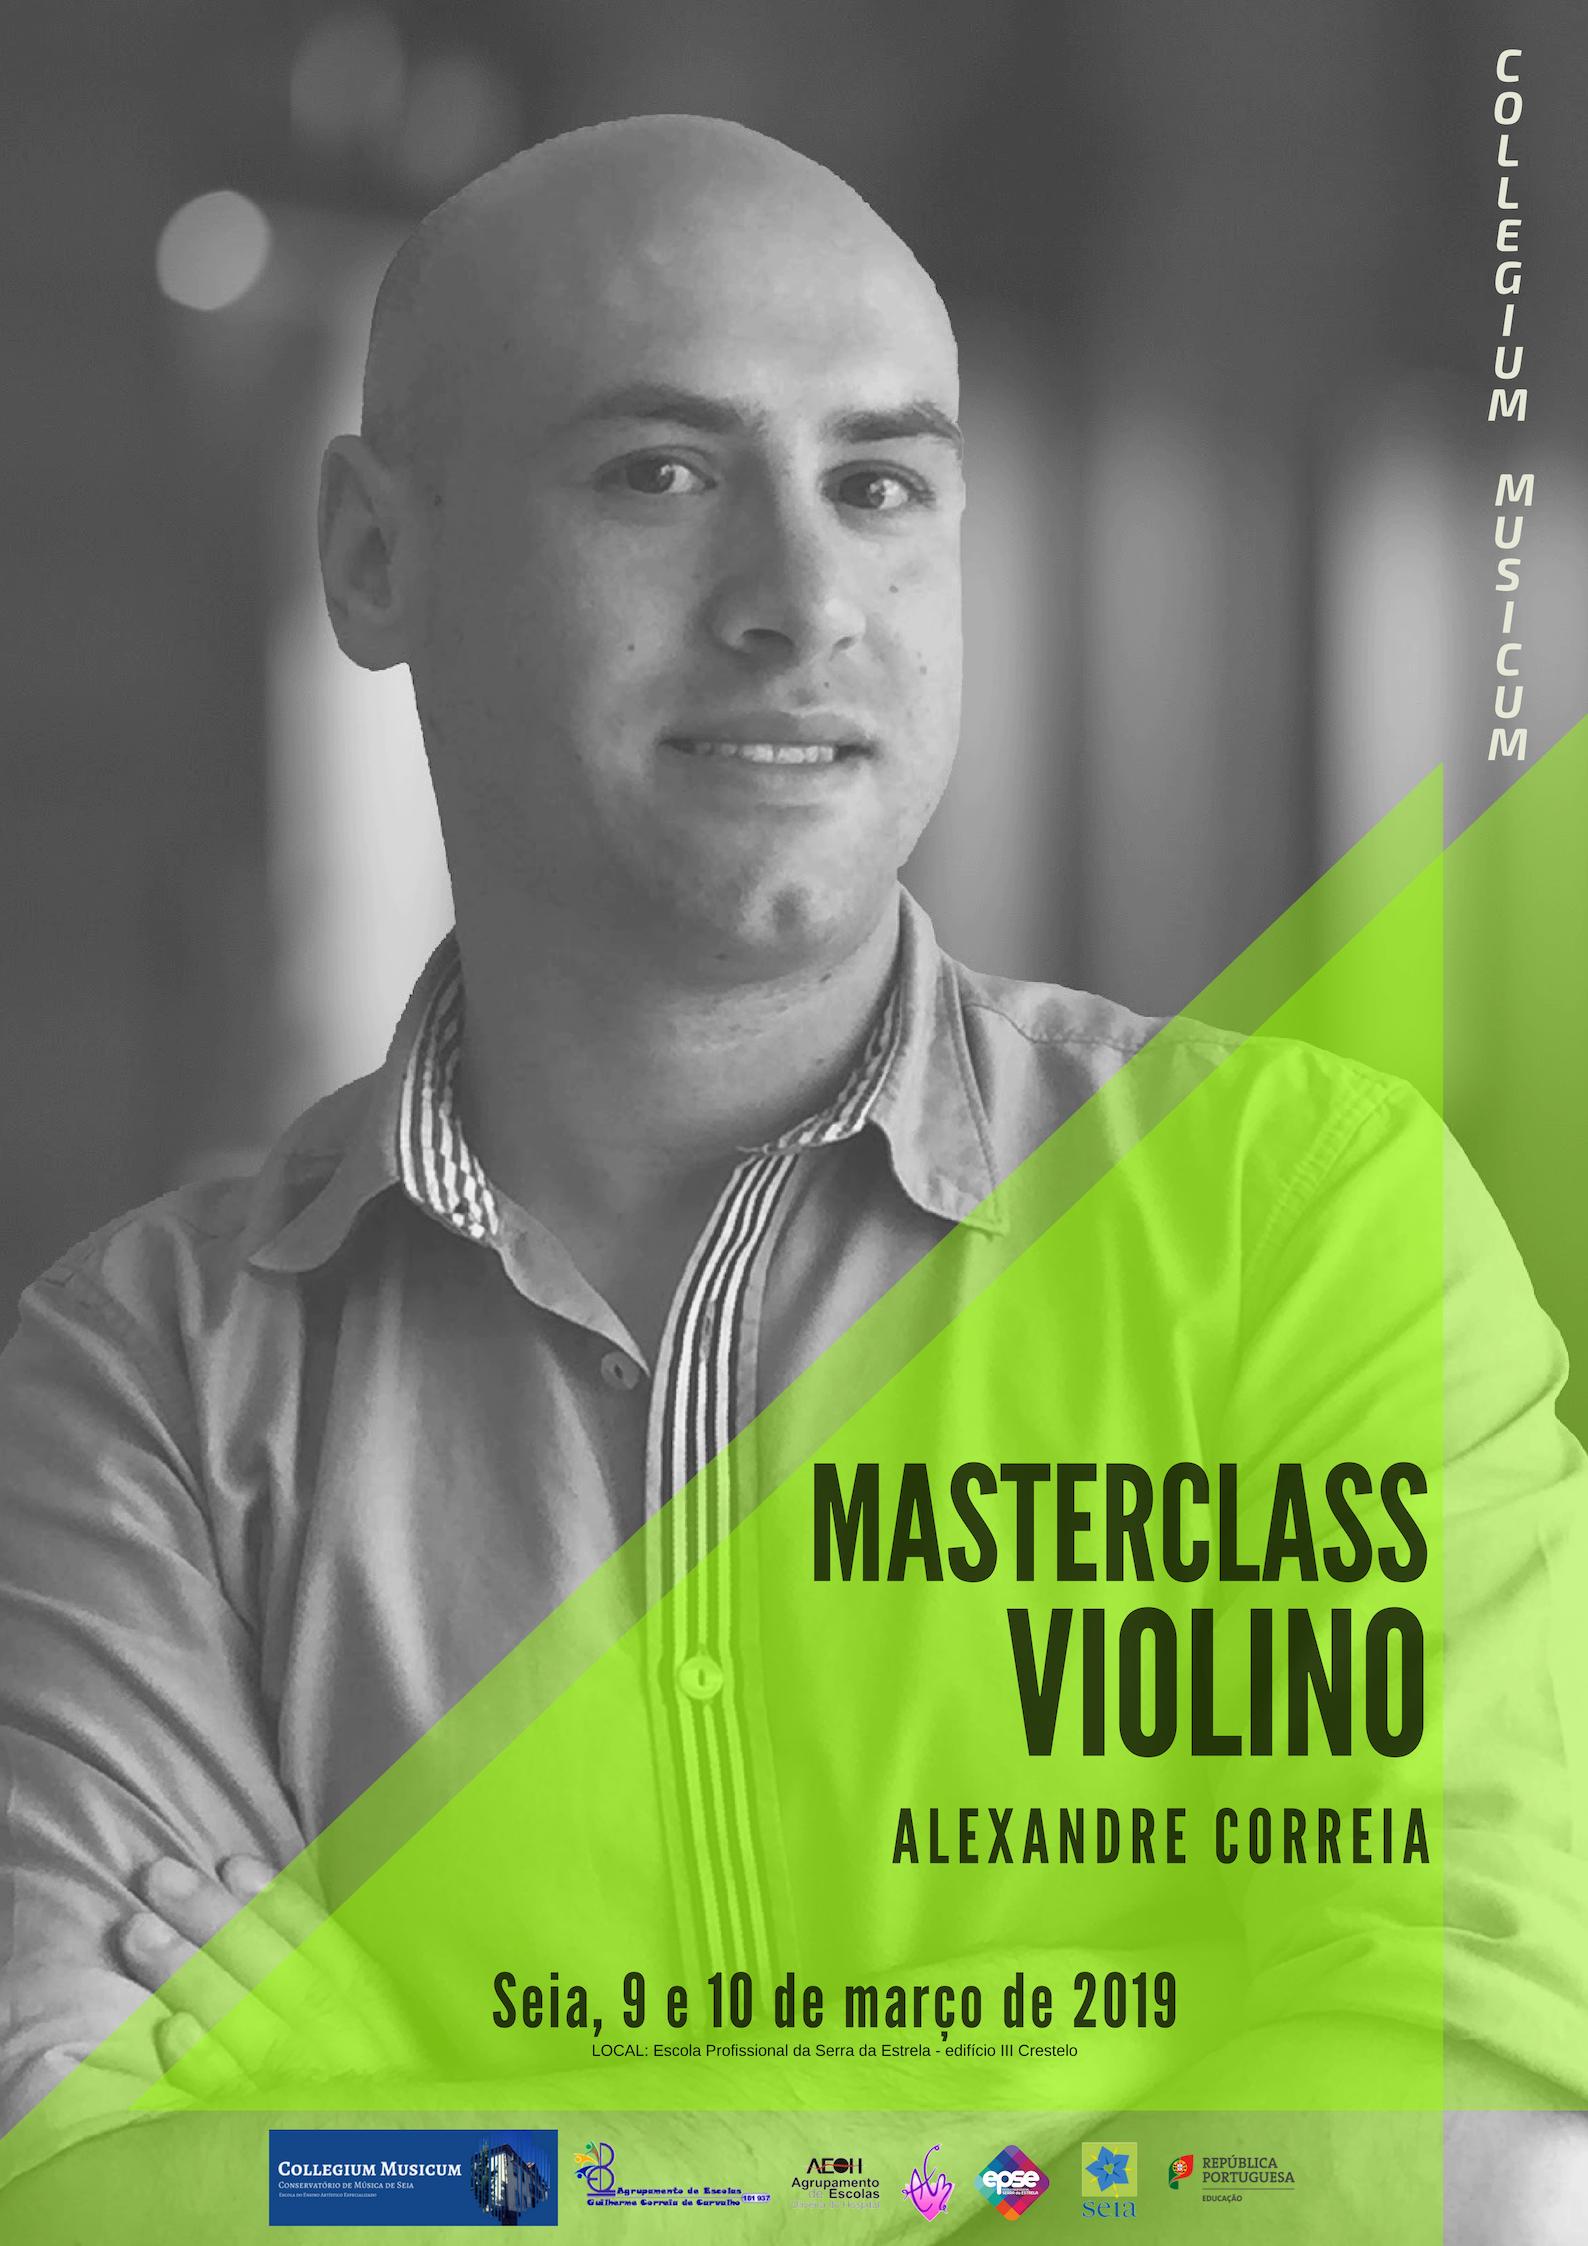 Masterclass Violino